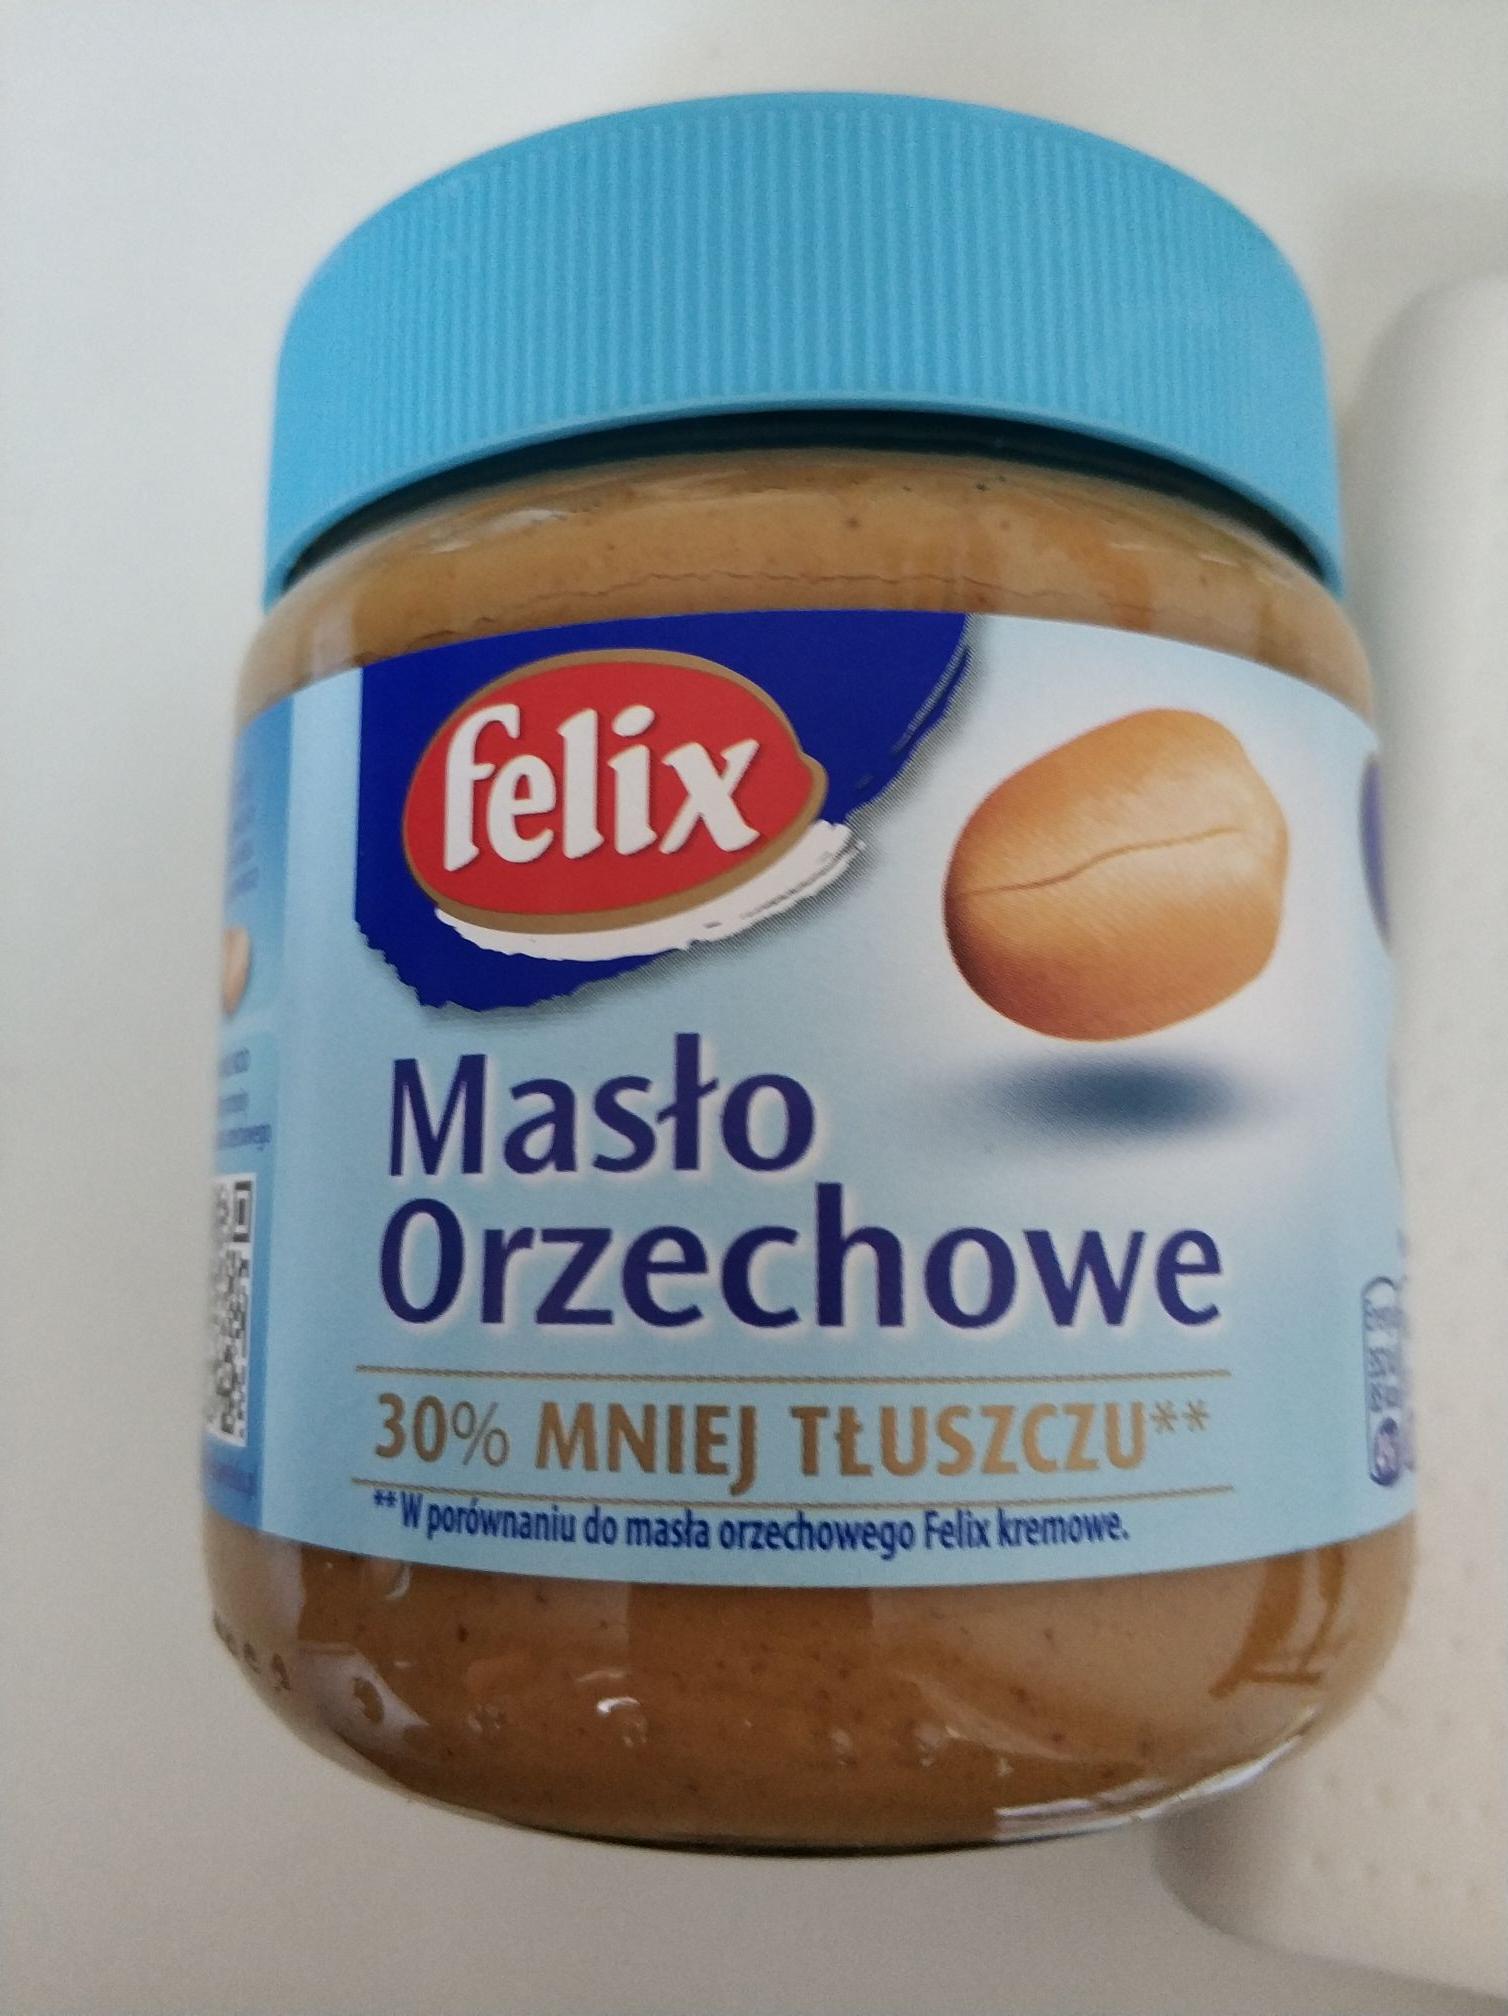 Alma Krakow. Masło orzechowe Felix 350g. 30% mniej tłuszczu